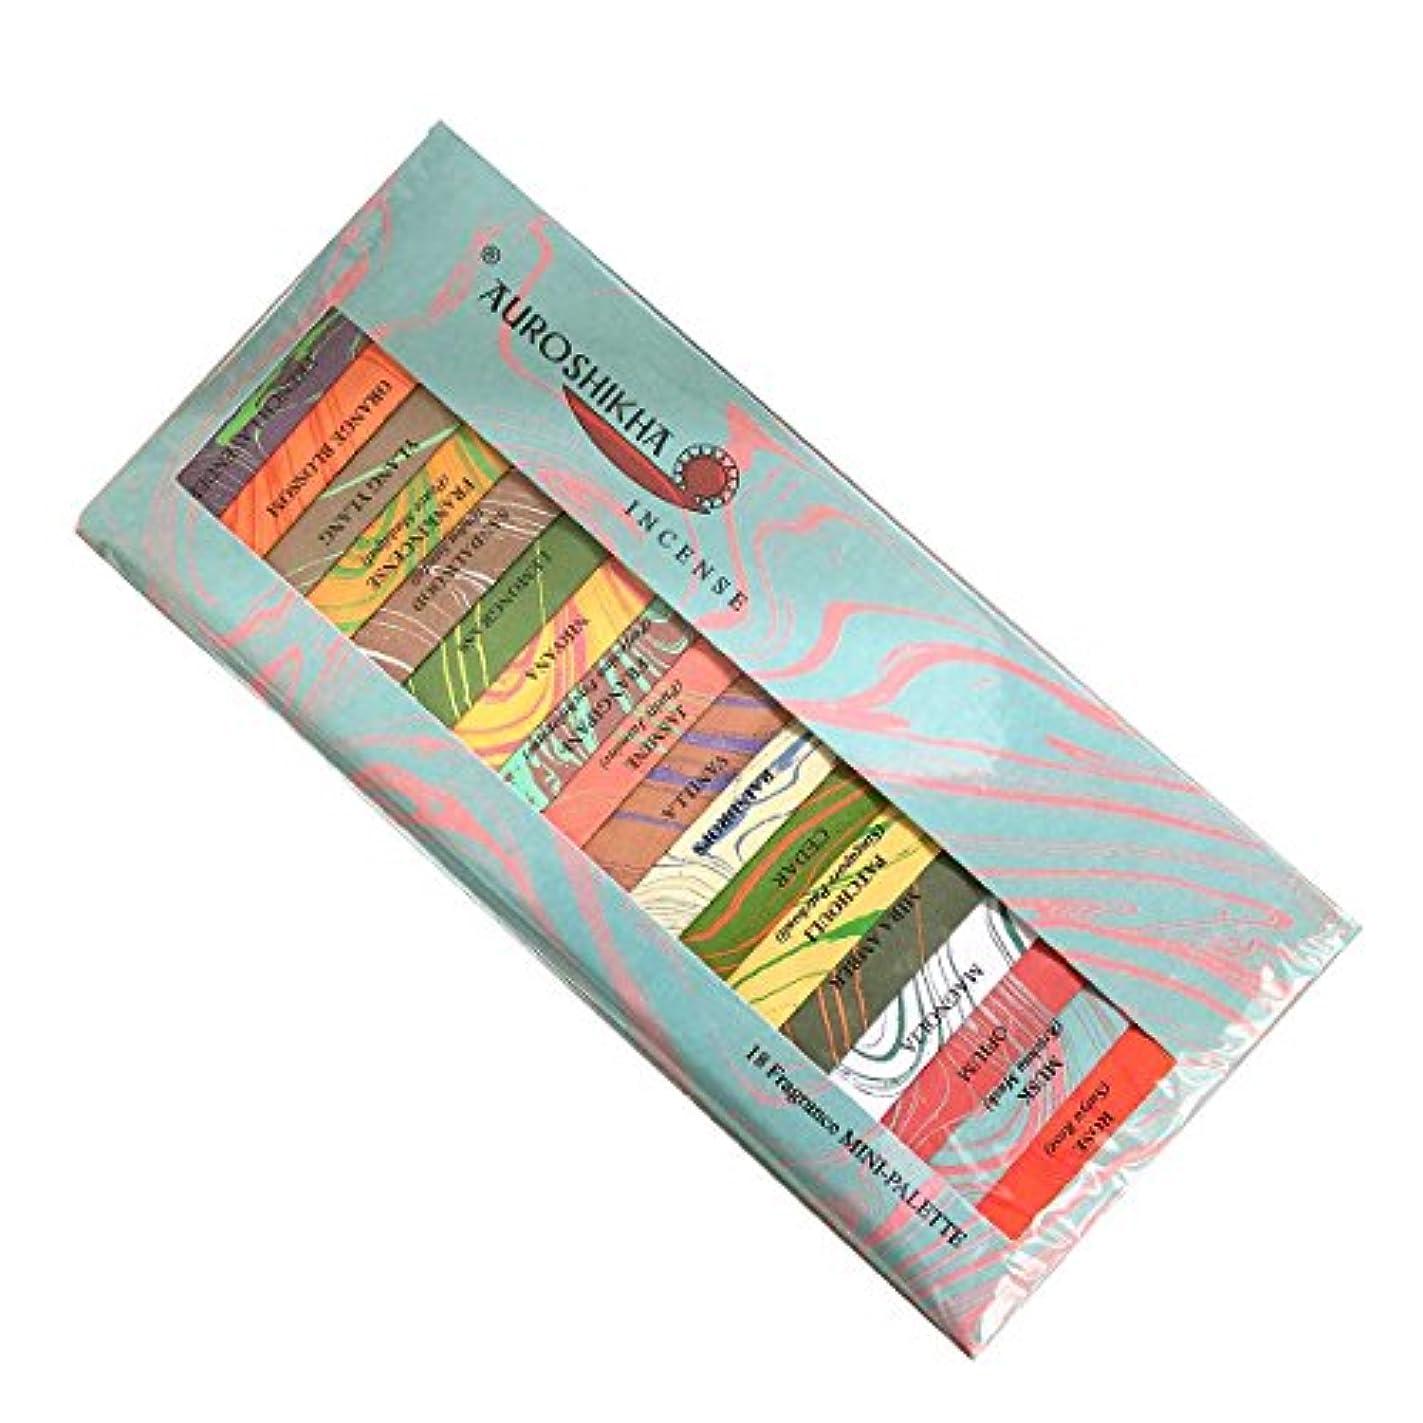 変数バクテリアスツールauroshikha (オウロシカ) マーブルパッケージ ミニパレット18種類の香りアソート スティック !